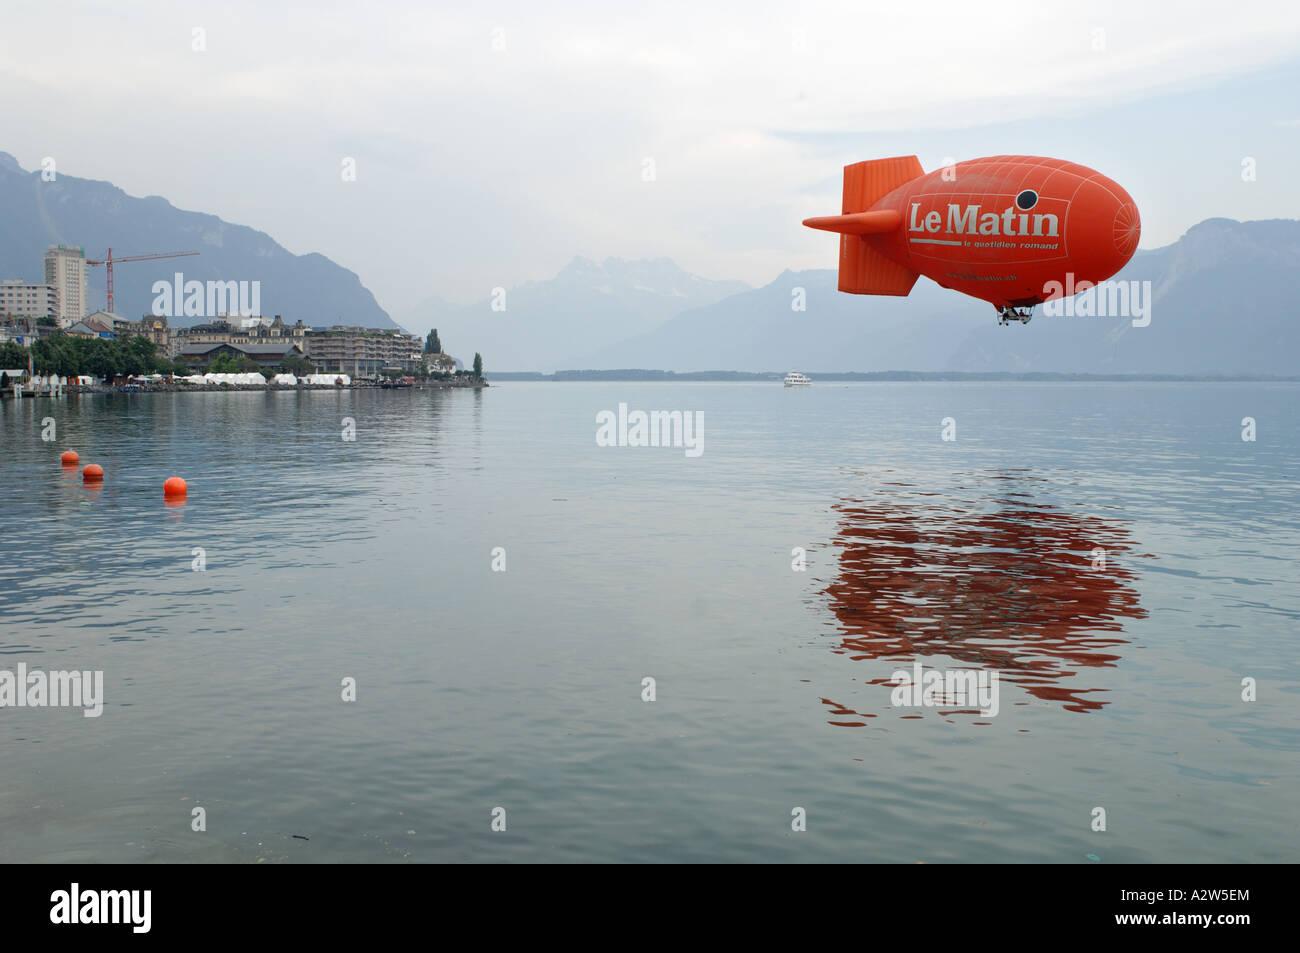 Le Matin airship over Lake Geneva Vevey Switzerland Stock Photo